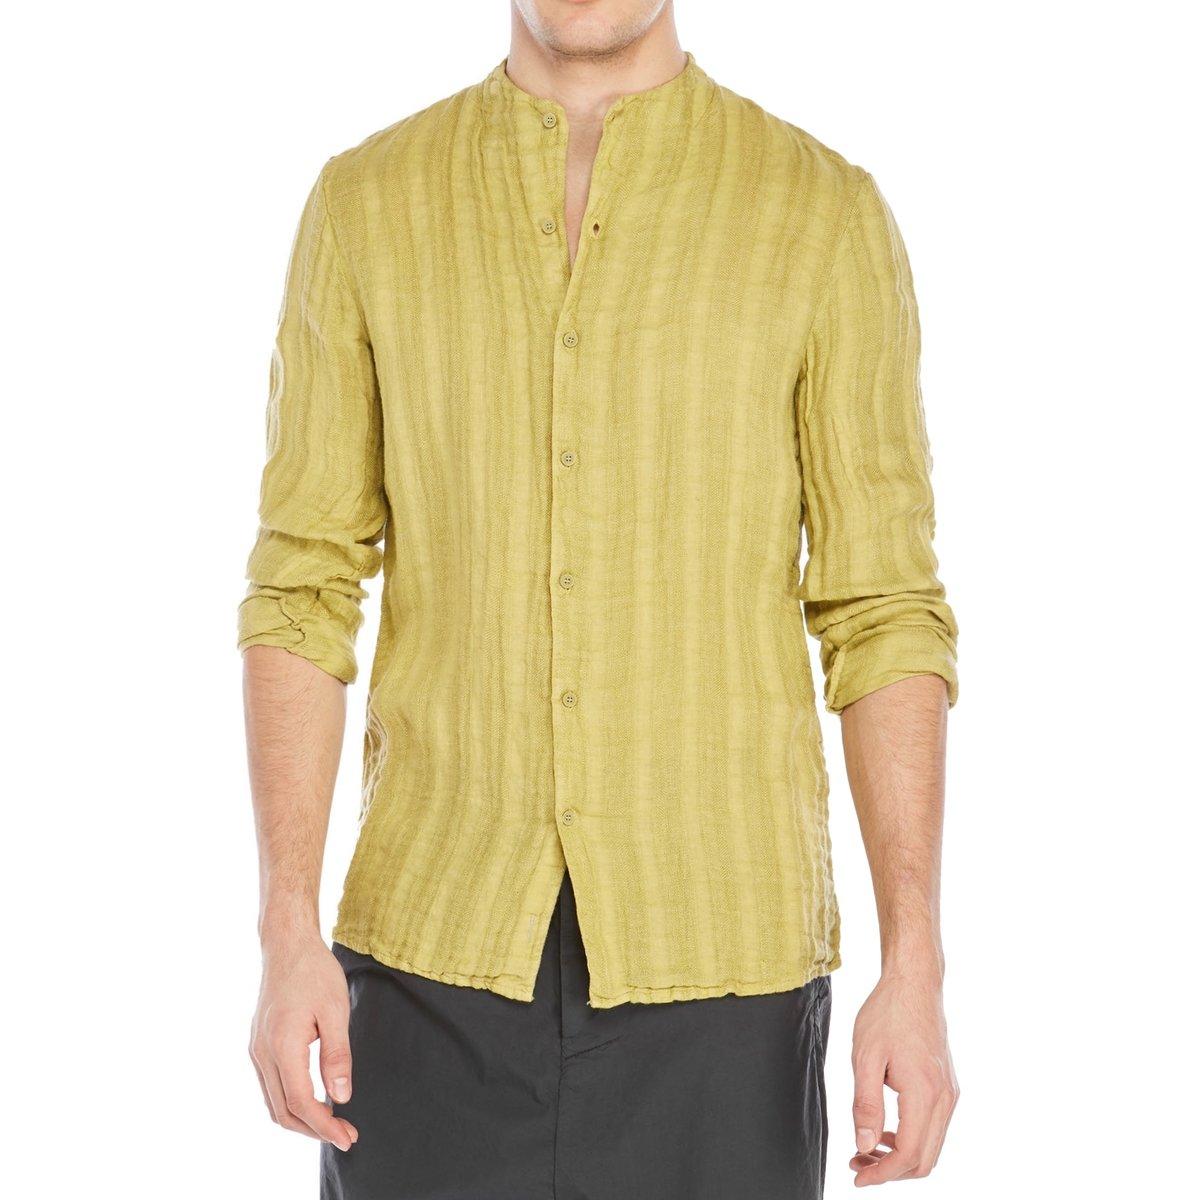 Transit yellow shirt fit 1.jpg